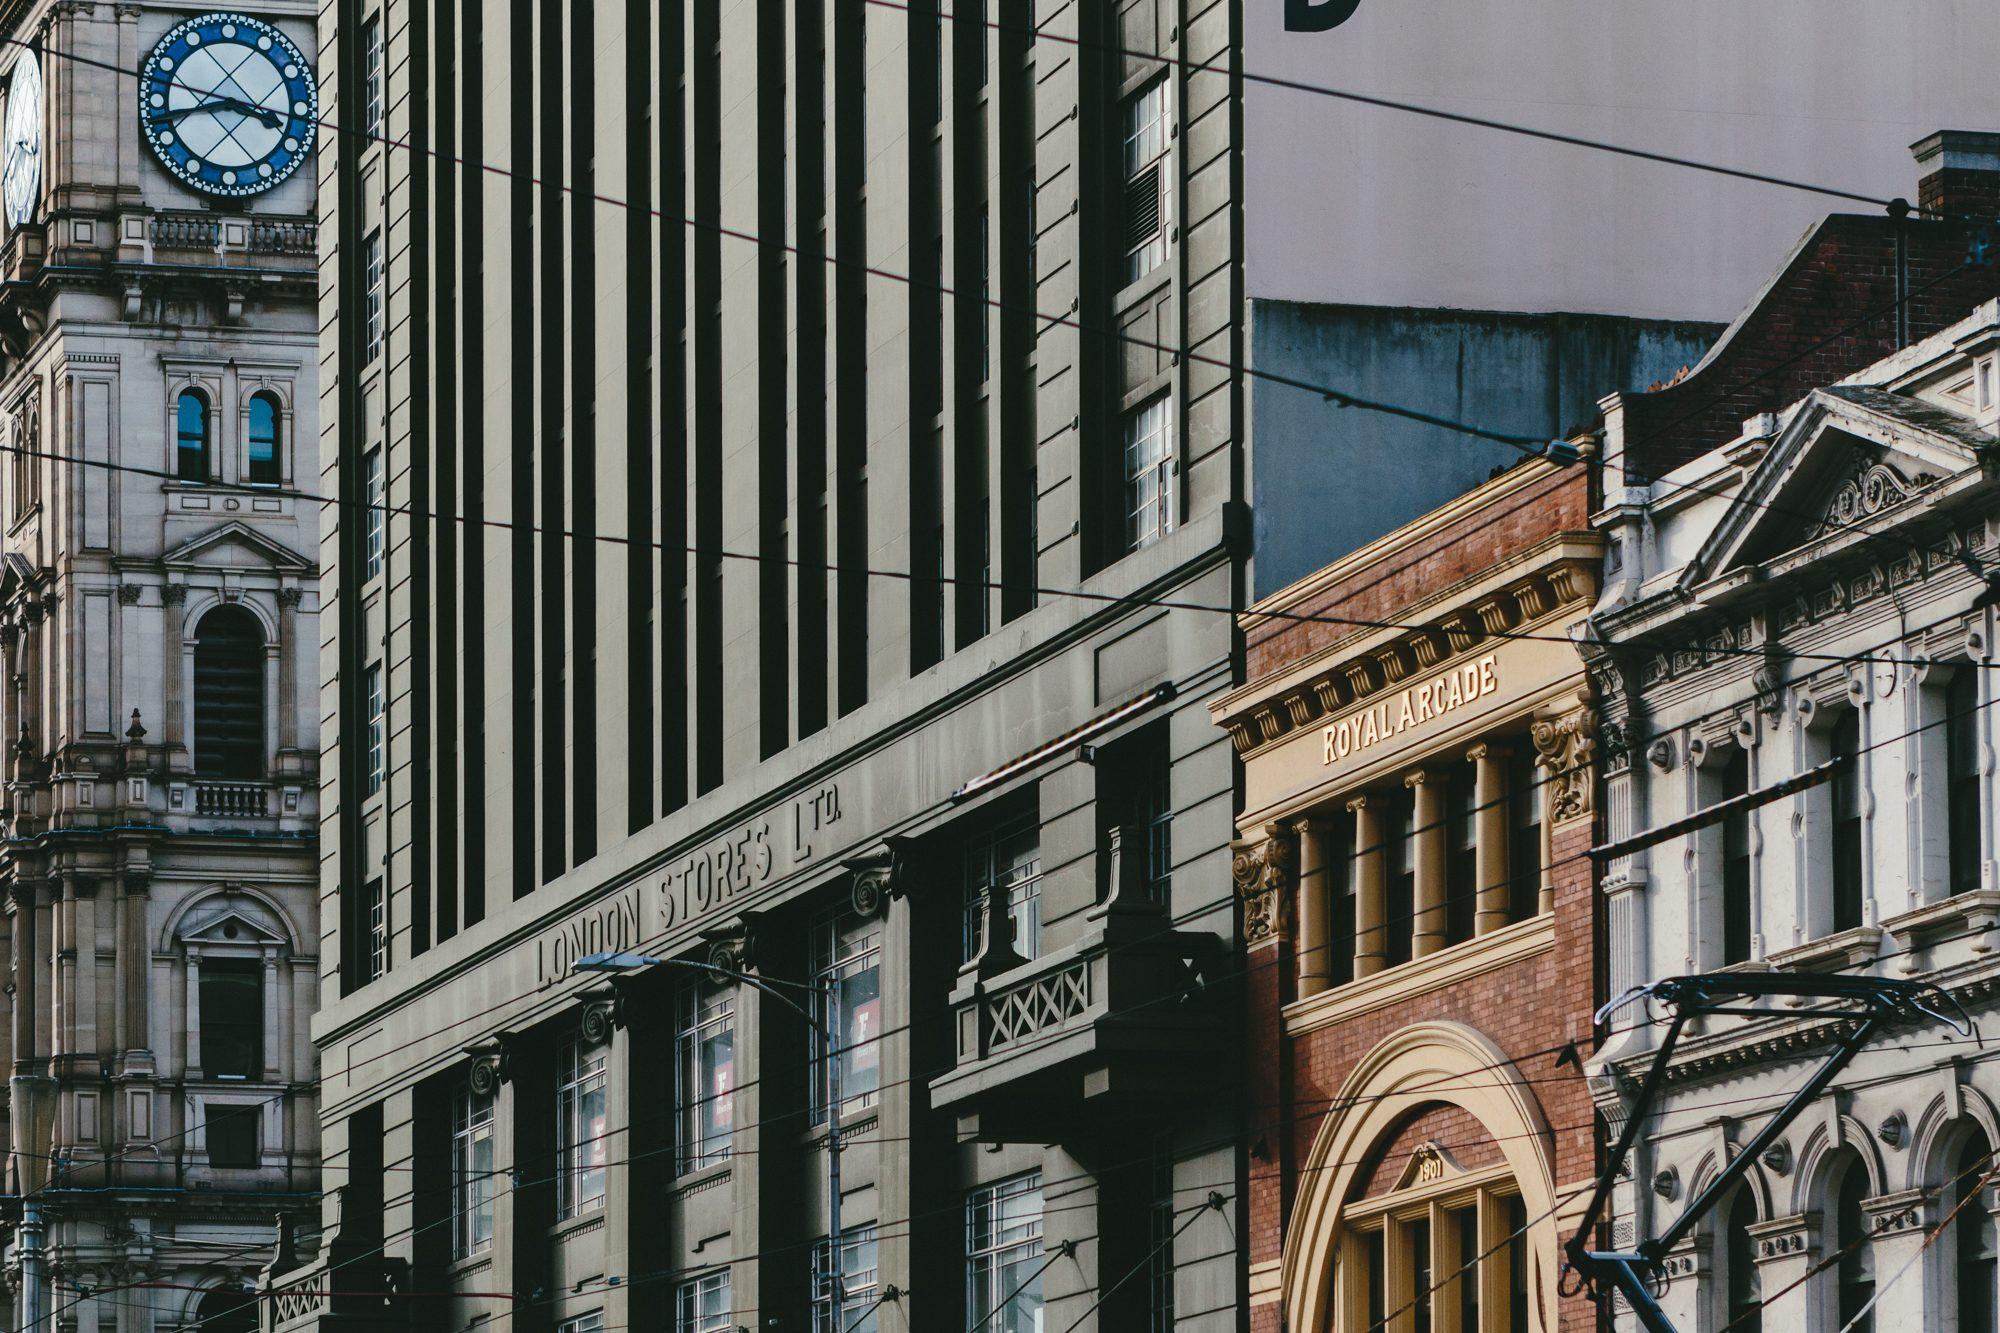 Melbourne Elizabeth Street